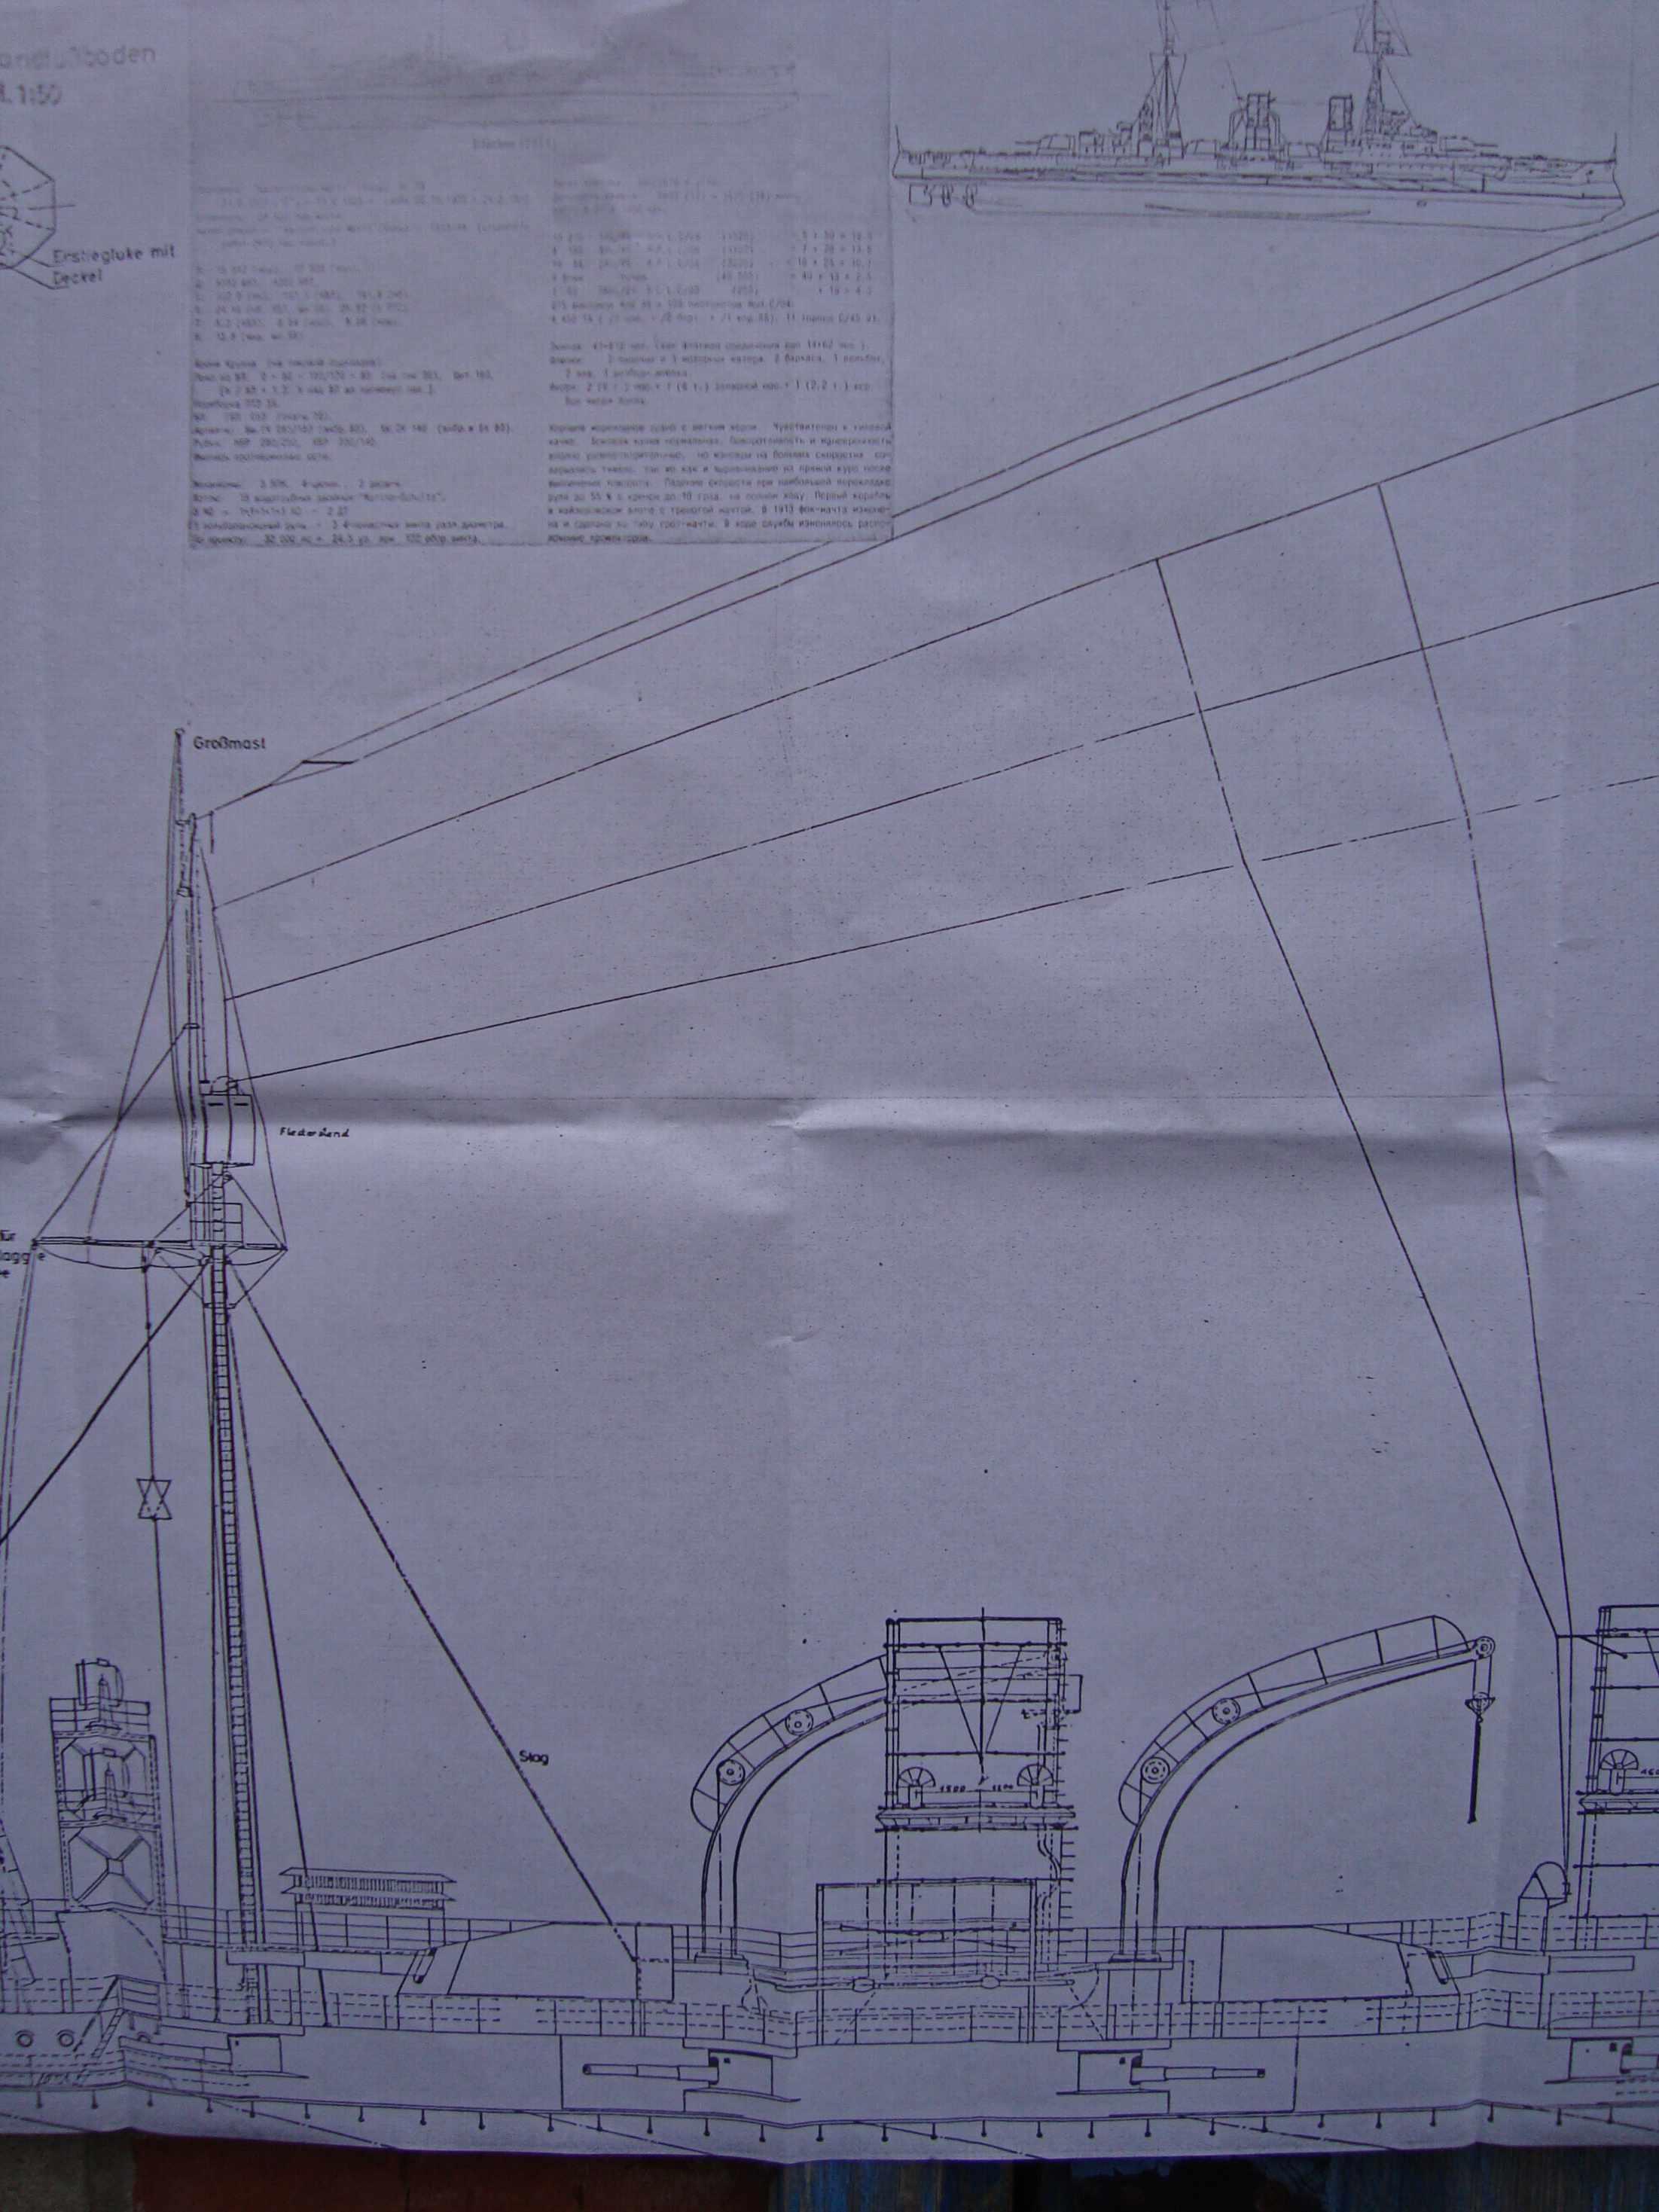 DSC00732_thumb.jpg